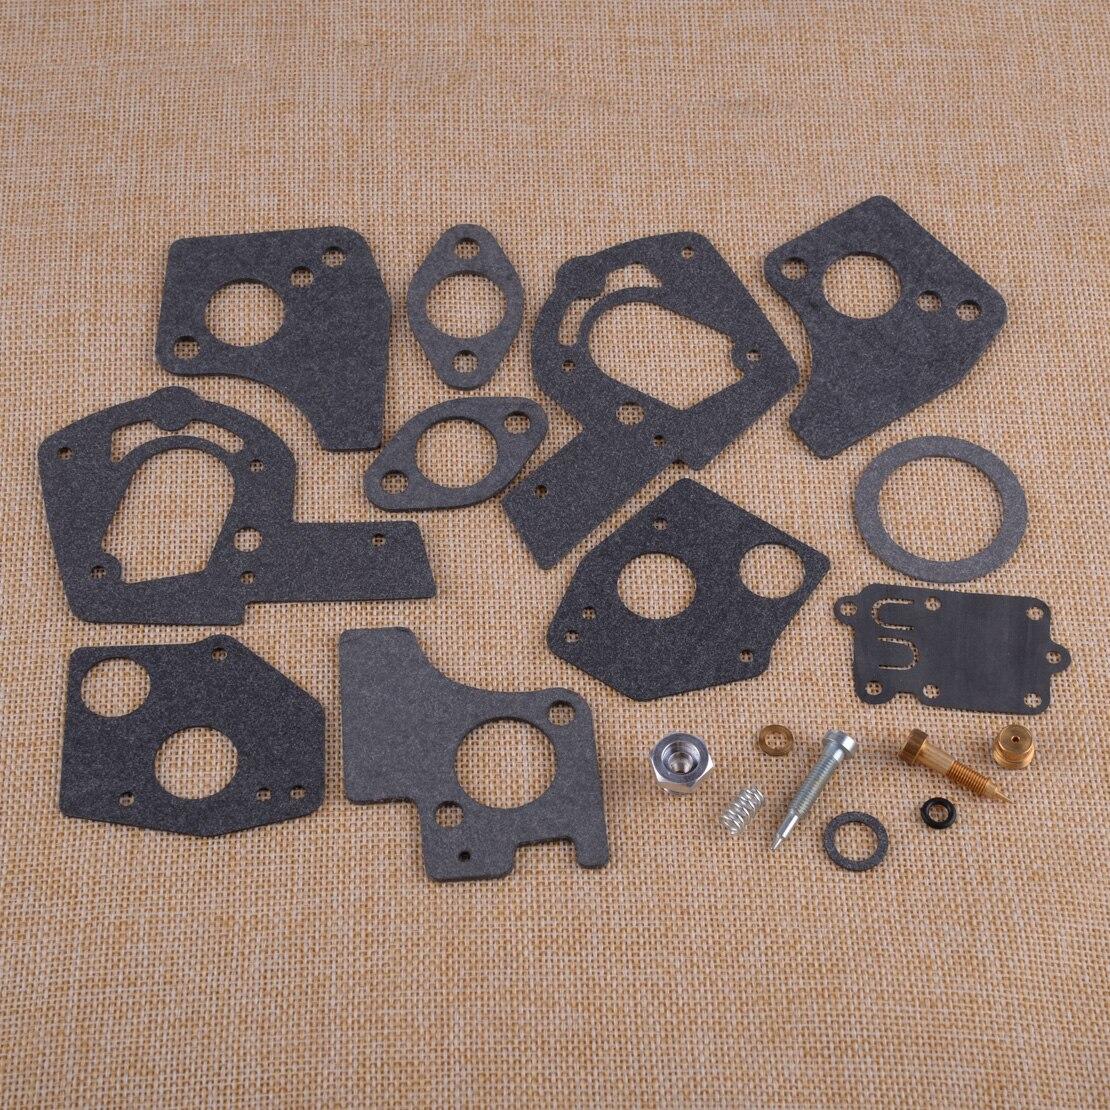 LETAOSK High Quality 19pcs Carburetor Carb Overhaul Rebuild Repair Kit 495606 494624 For Briggs&Stratton 60200 To 62097 3HP-5HP